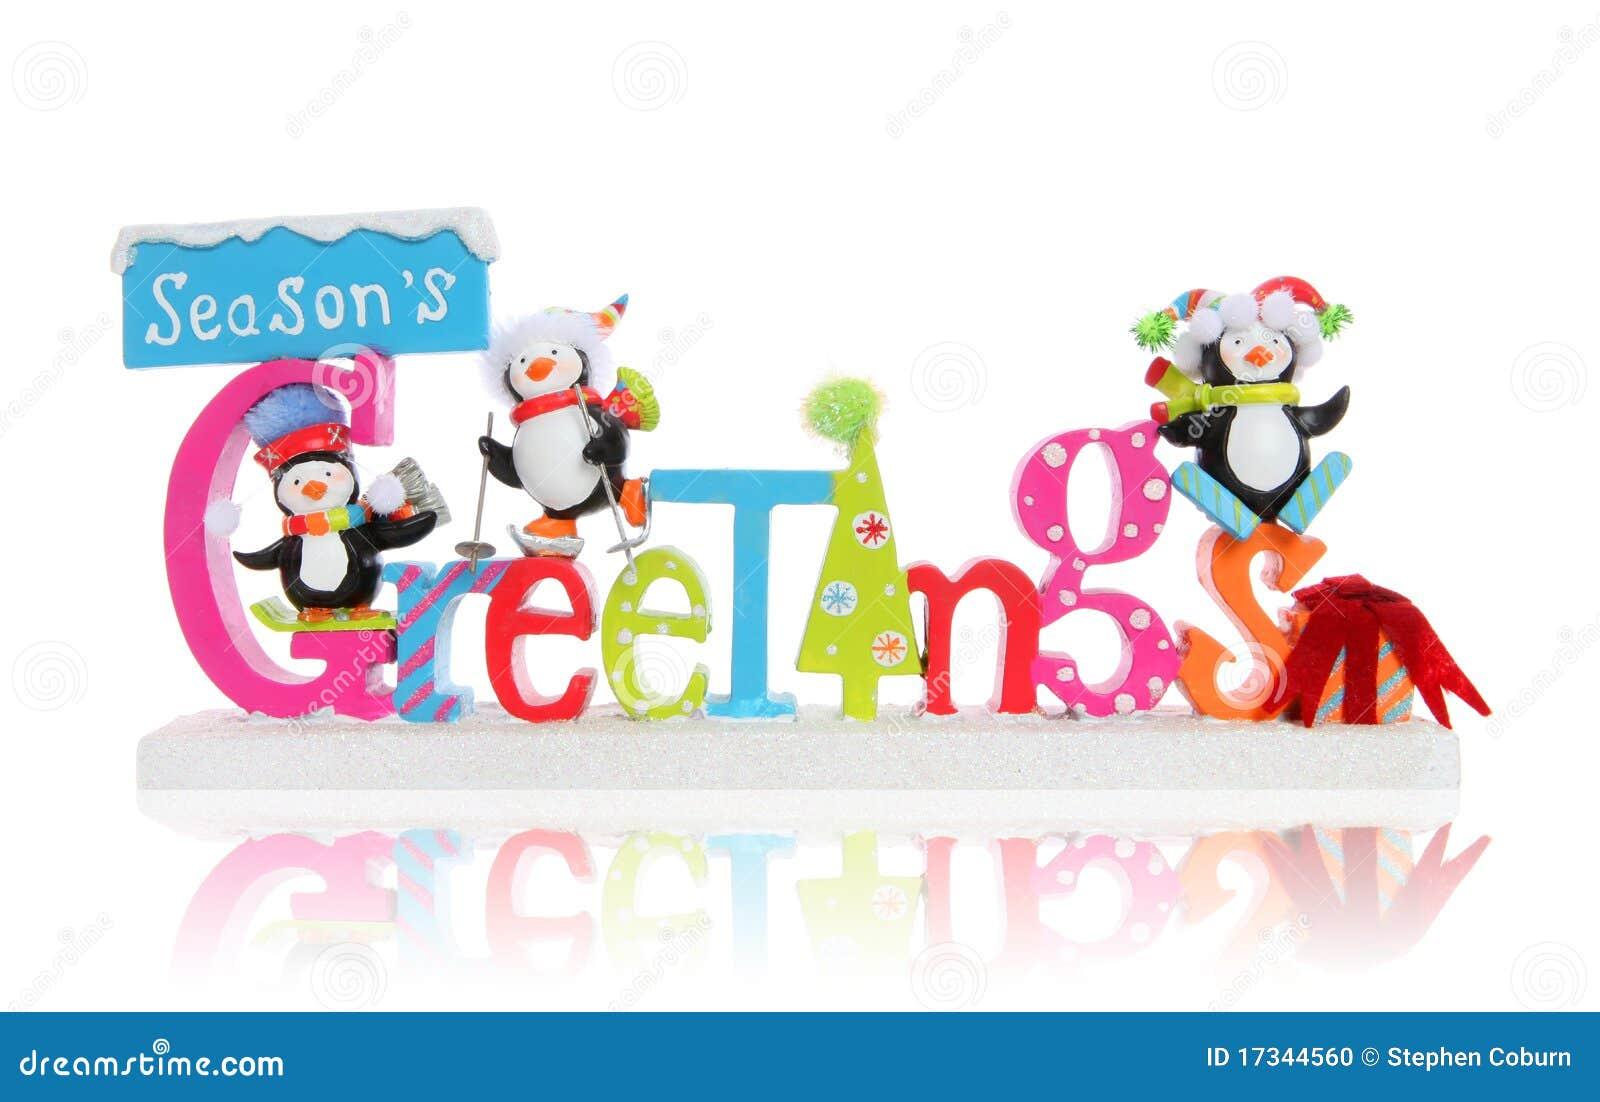 Christmas seasons greeting sign stock photo image of animal christmas season s greeting sign m4hsunfo